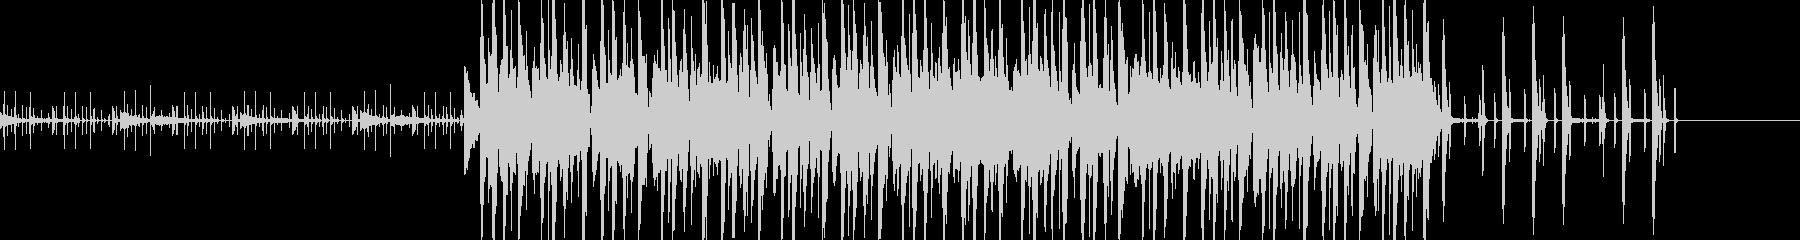 オシャレなファンクミュージックの未再生の波形